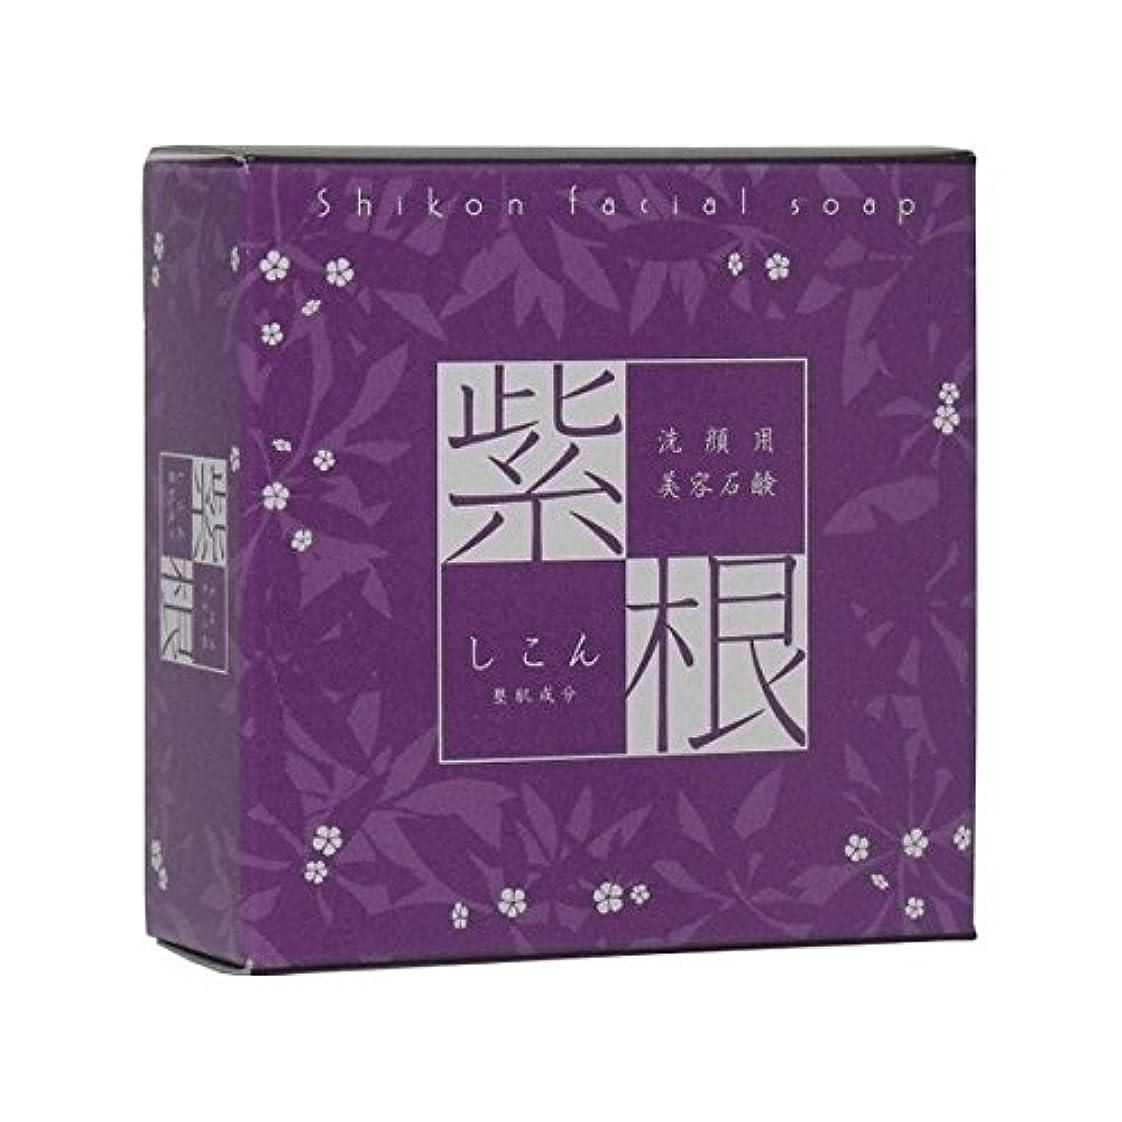 抽選統治可能休日に紫根石鹸110g(オリジナル泡立てネット付き)3個セット【魔女たちの22時で話題!】